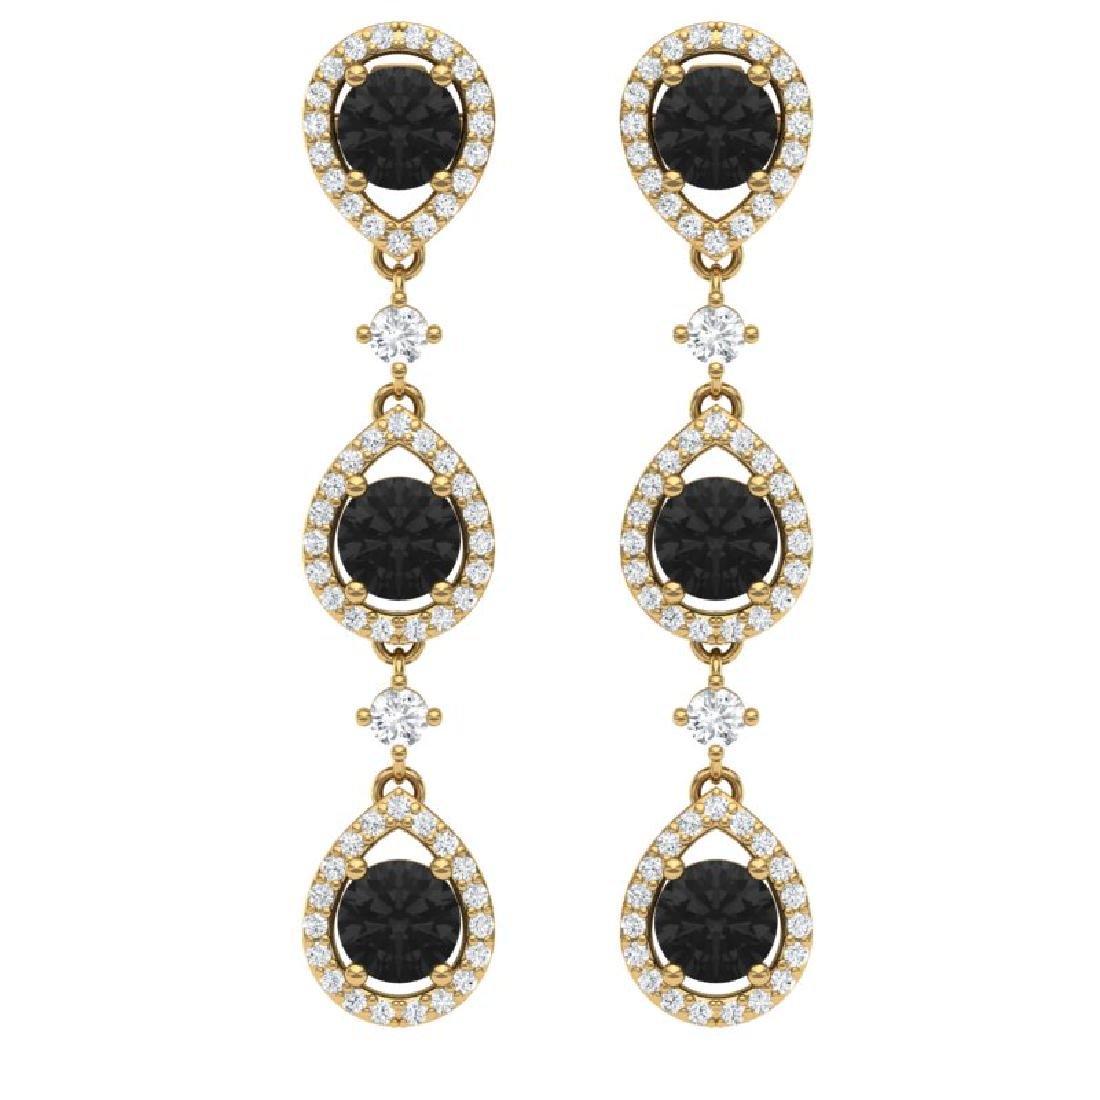 4.7 CTW Certified Black VS Diamond Earrings 18K Yellow